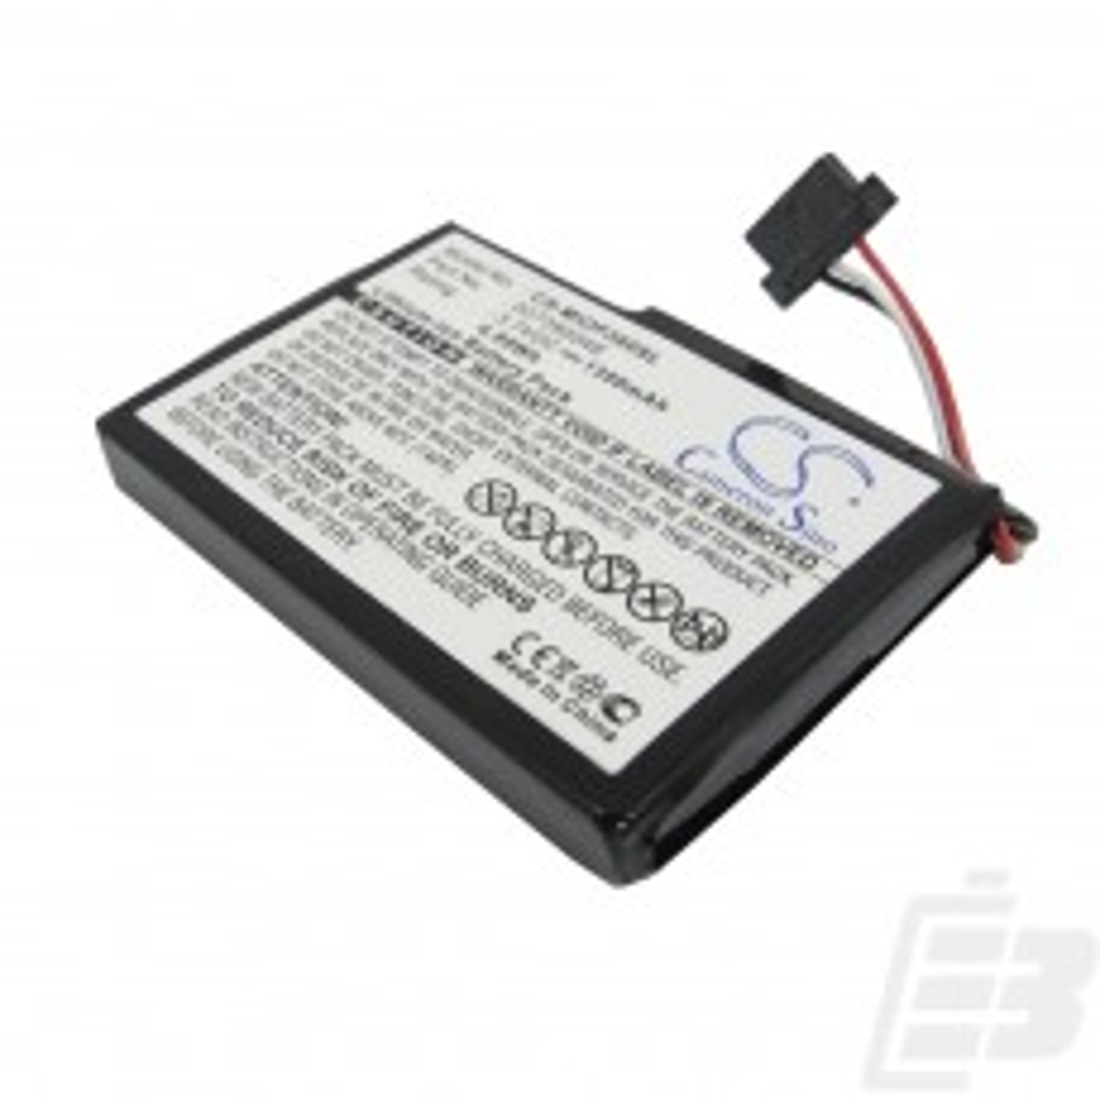 Μπαταρία GPS Mitac Mio P550_1